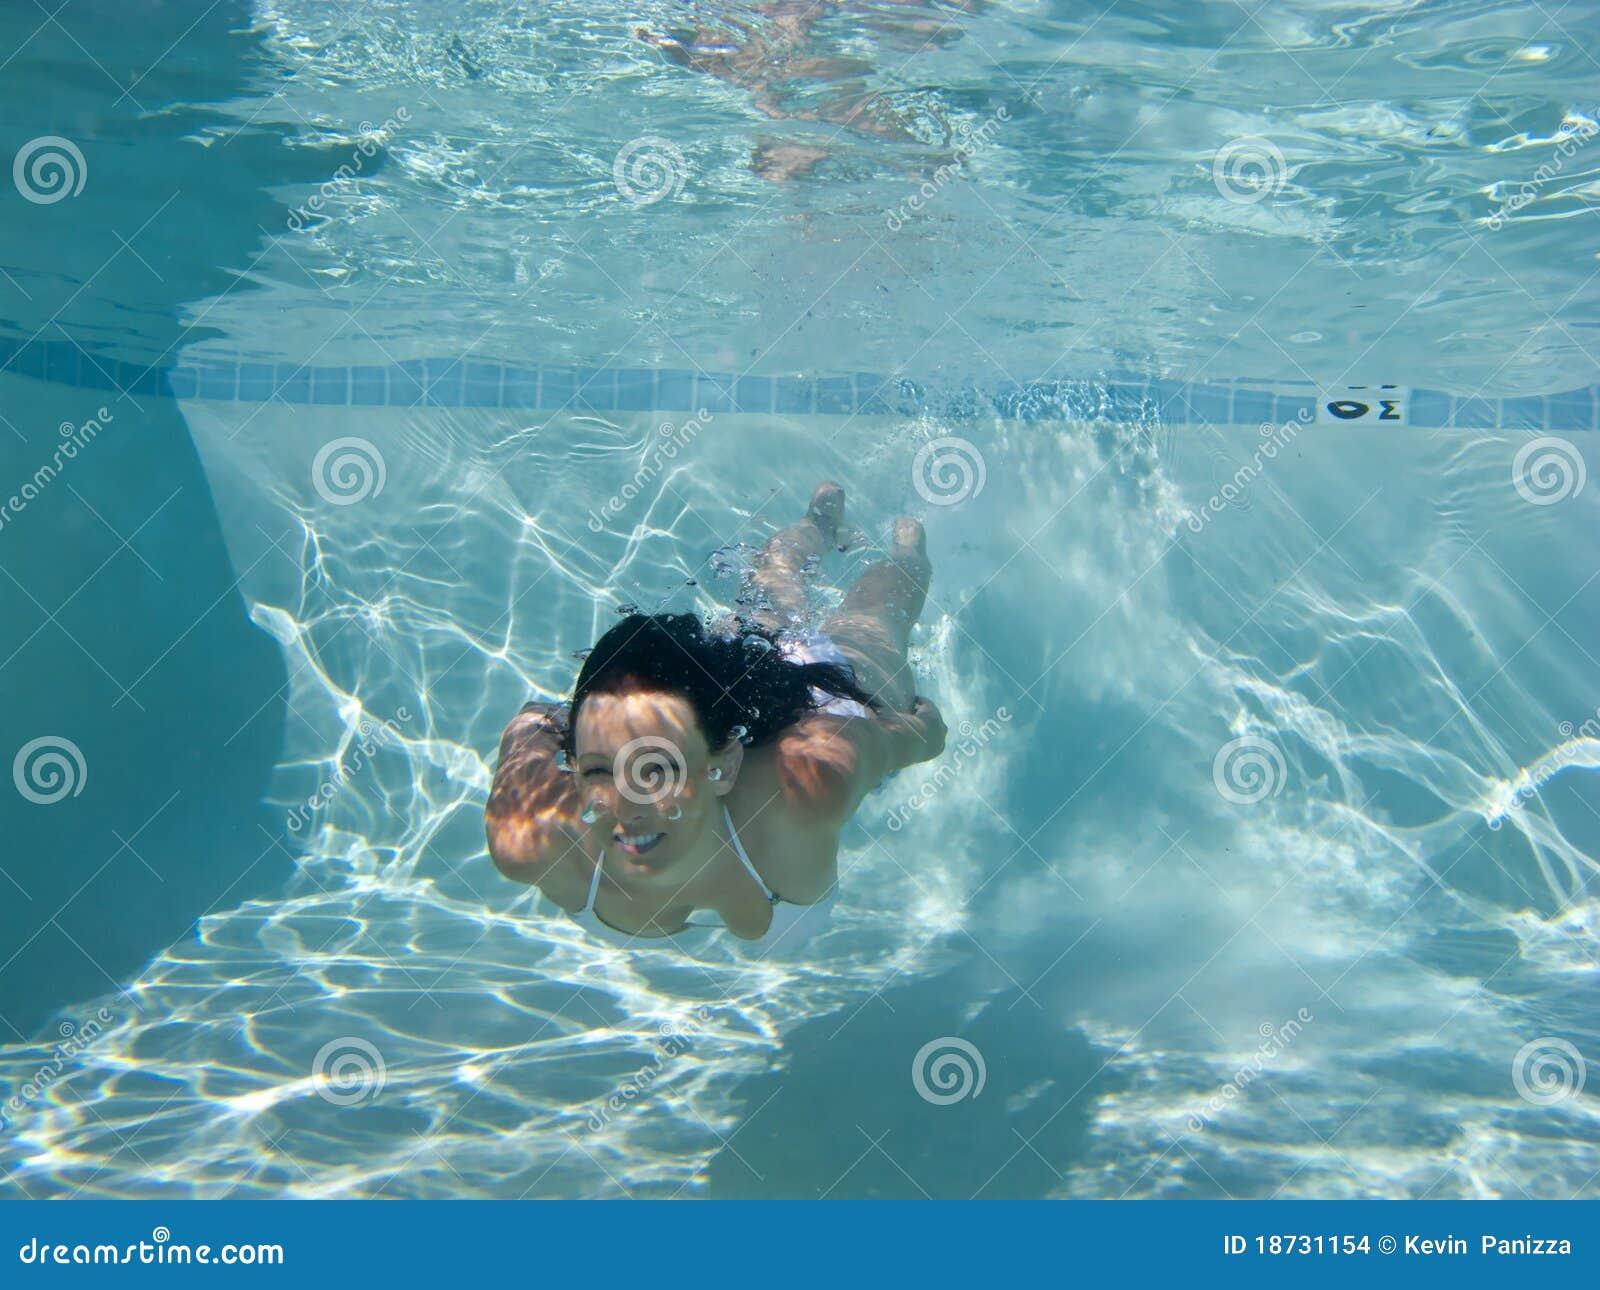 femme nageant sous l 39 eau dans un regroupement photo stock image du sant marin 18731154. Black Bedroom Furniture Sets. Home Design Ideas